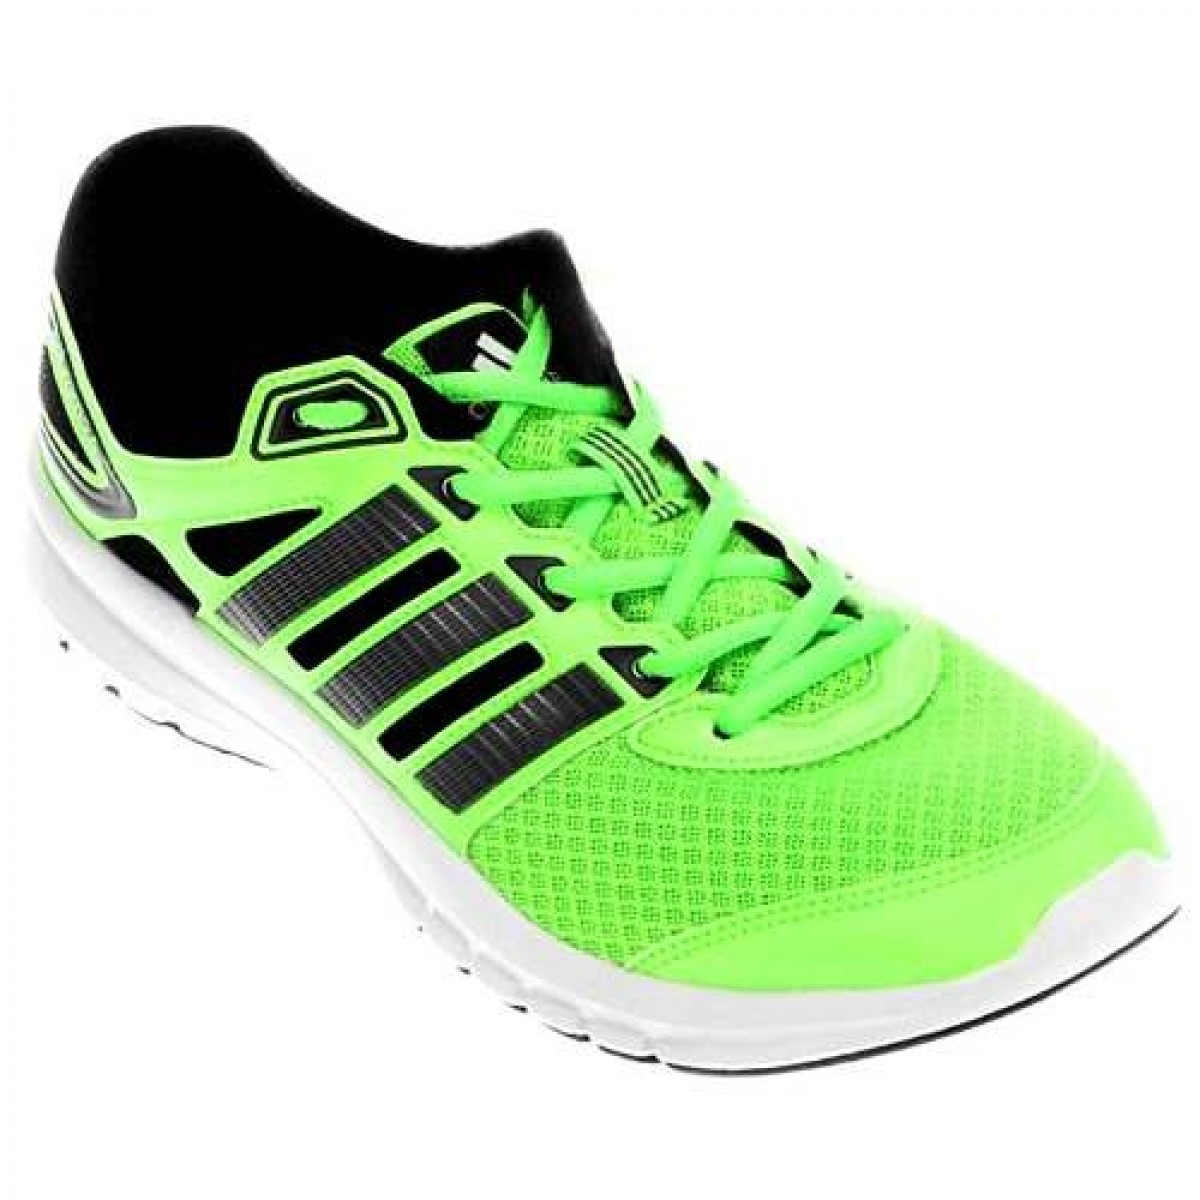 a0f8f0625 Tênis Adidas Duramo 6 Verde Claro - Compre Agora